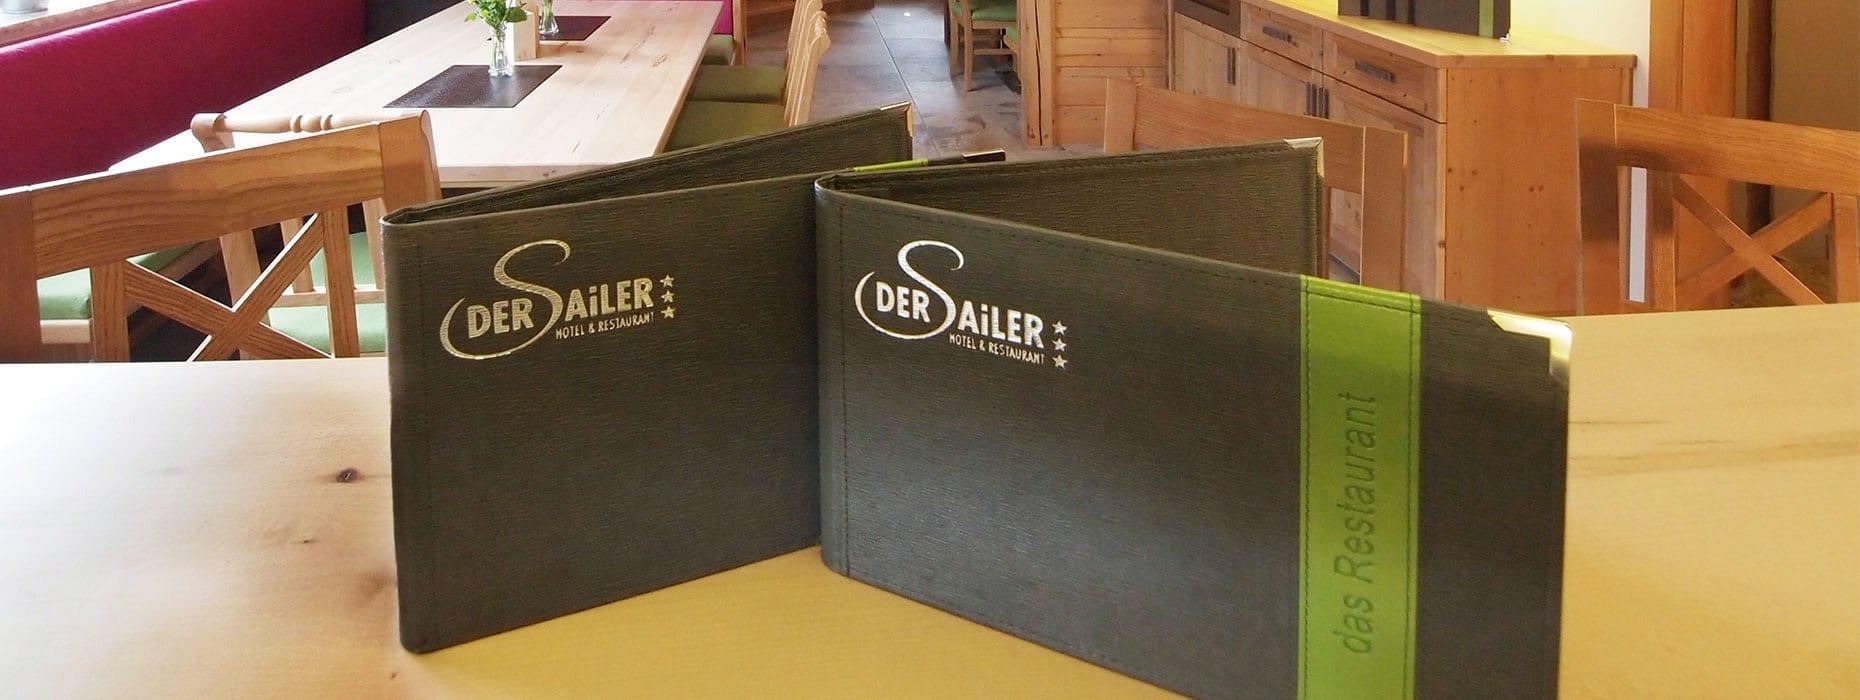 """3-Sterne Hotel & Restaurant in Obertauern, 3-Sterne Hotel """"Der Sailer"""""""